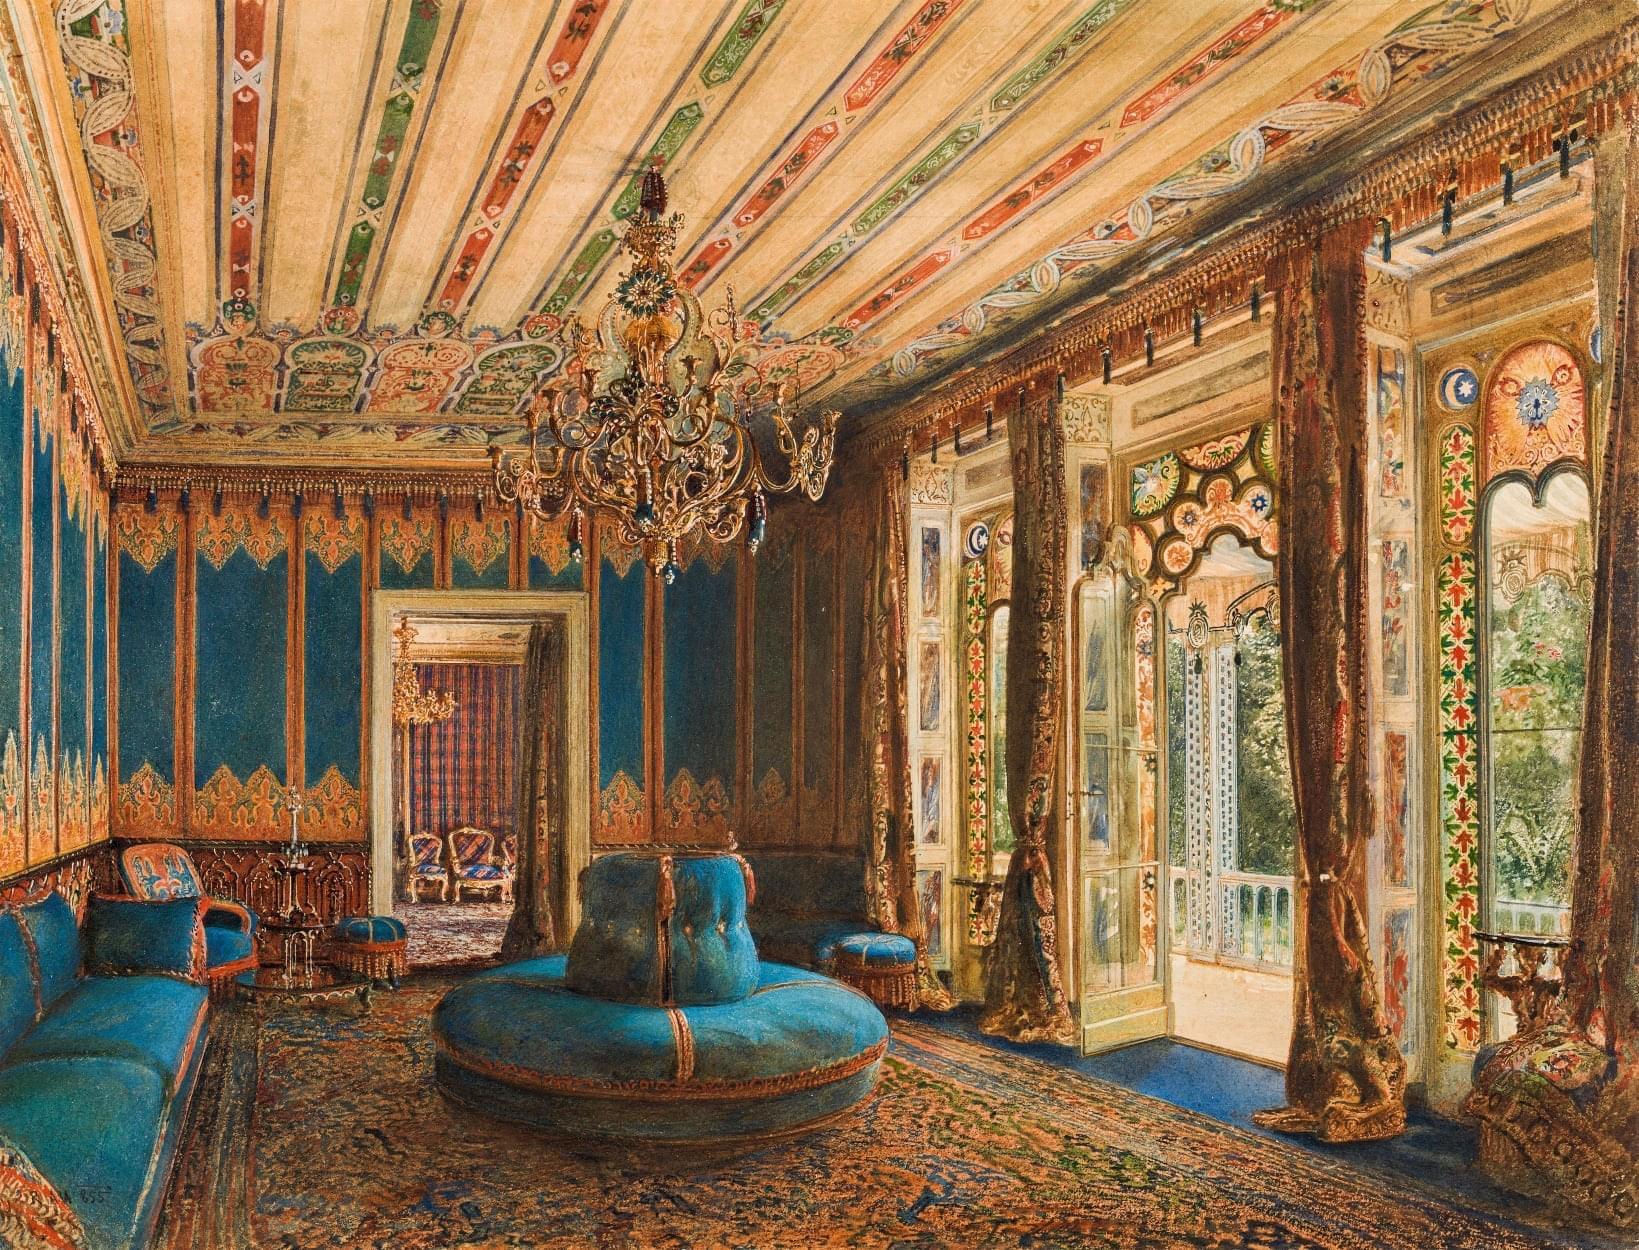 Le salon Turc de la villa Hügel